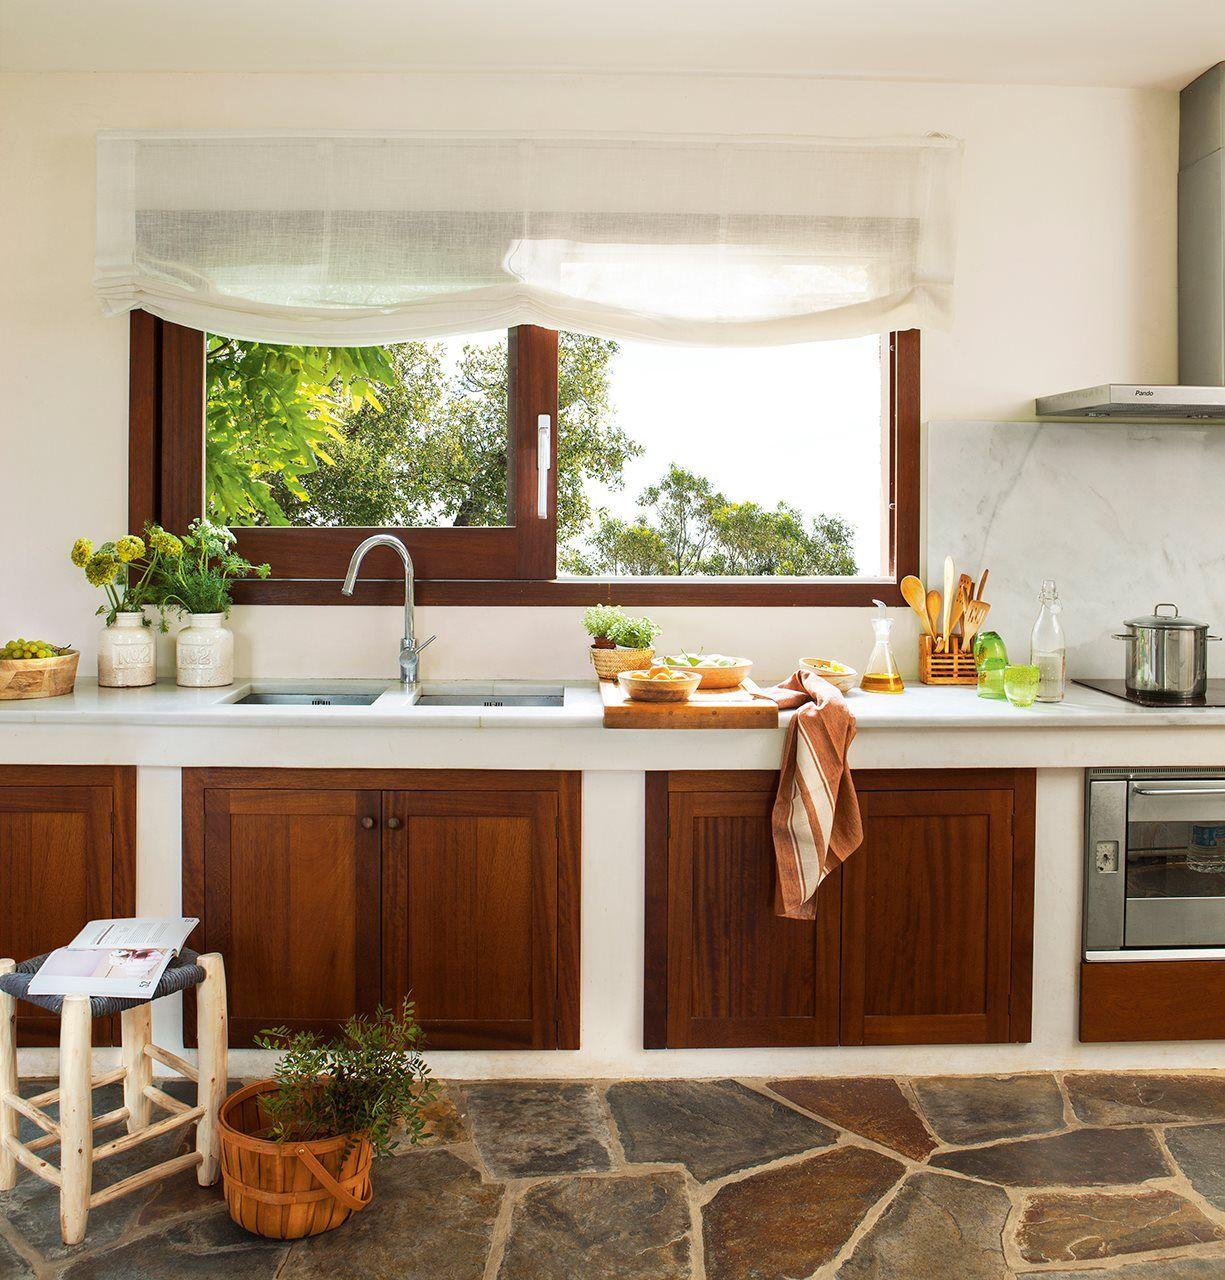 Siempre es verano en cadaqu s cocinas bonitas y - Cocinas de obra rusticas ...